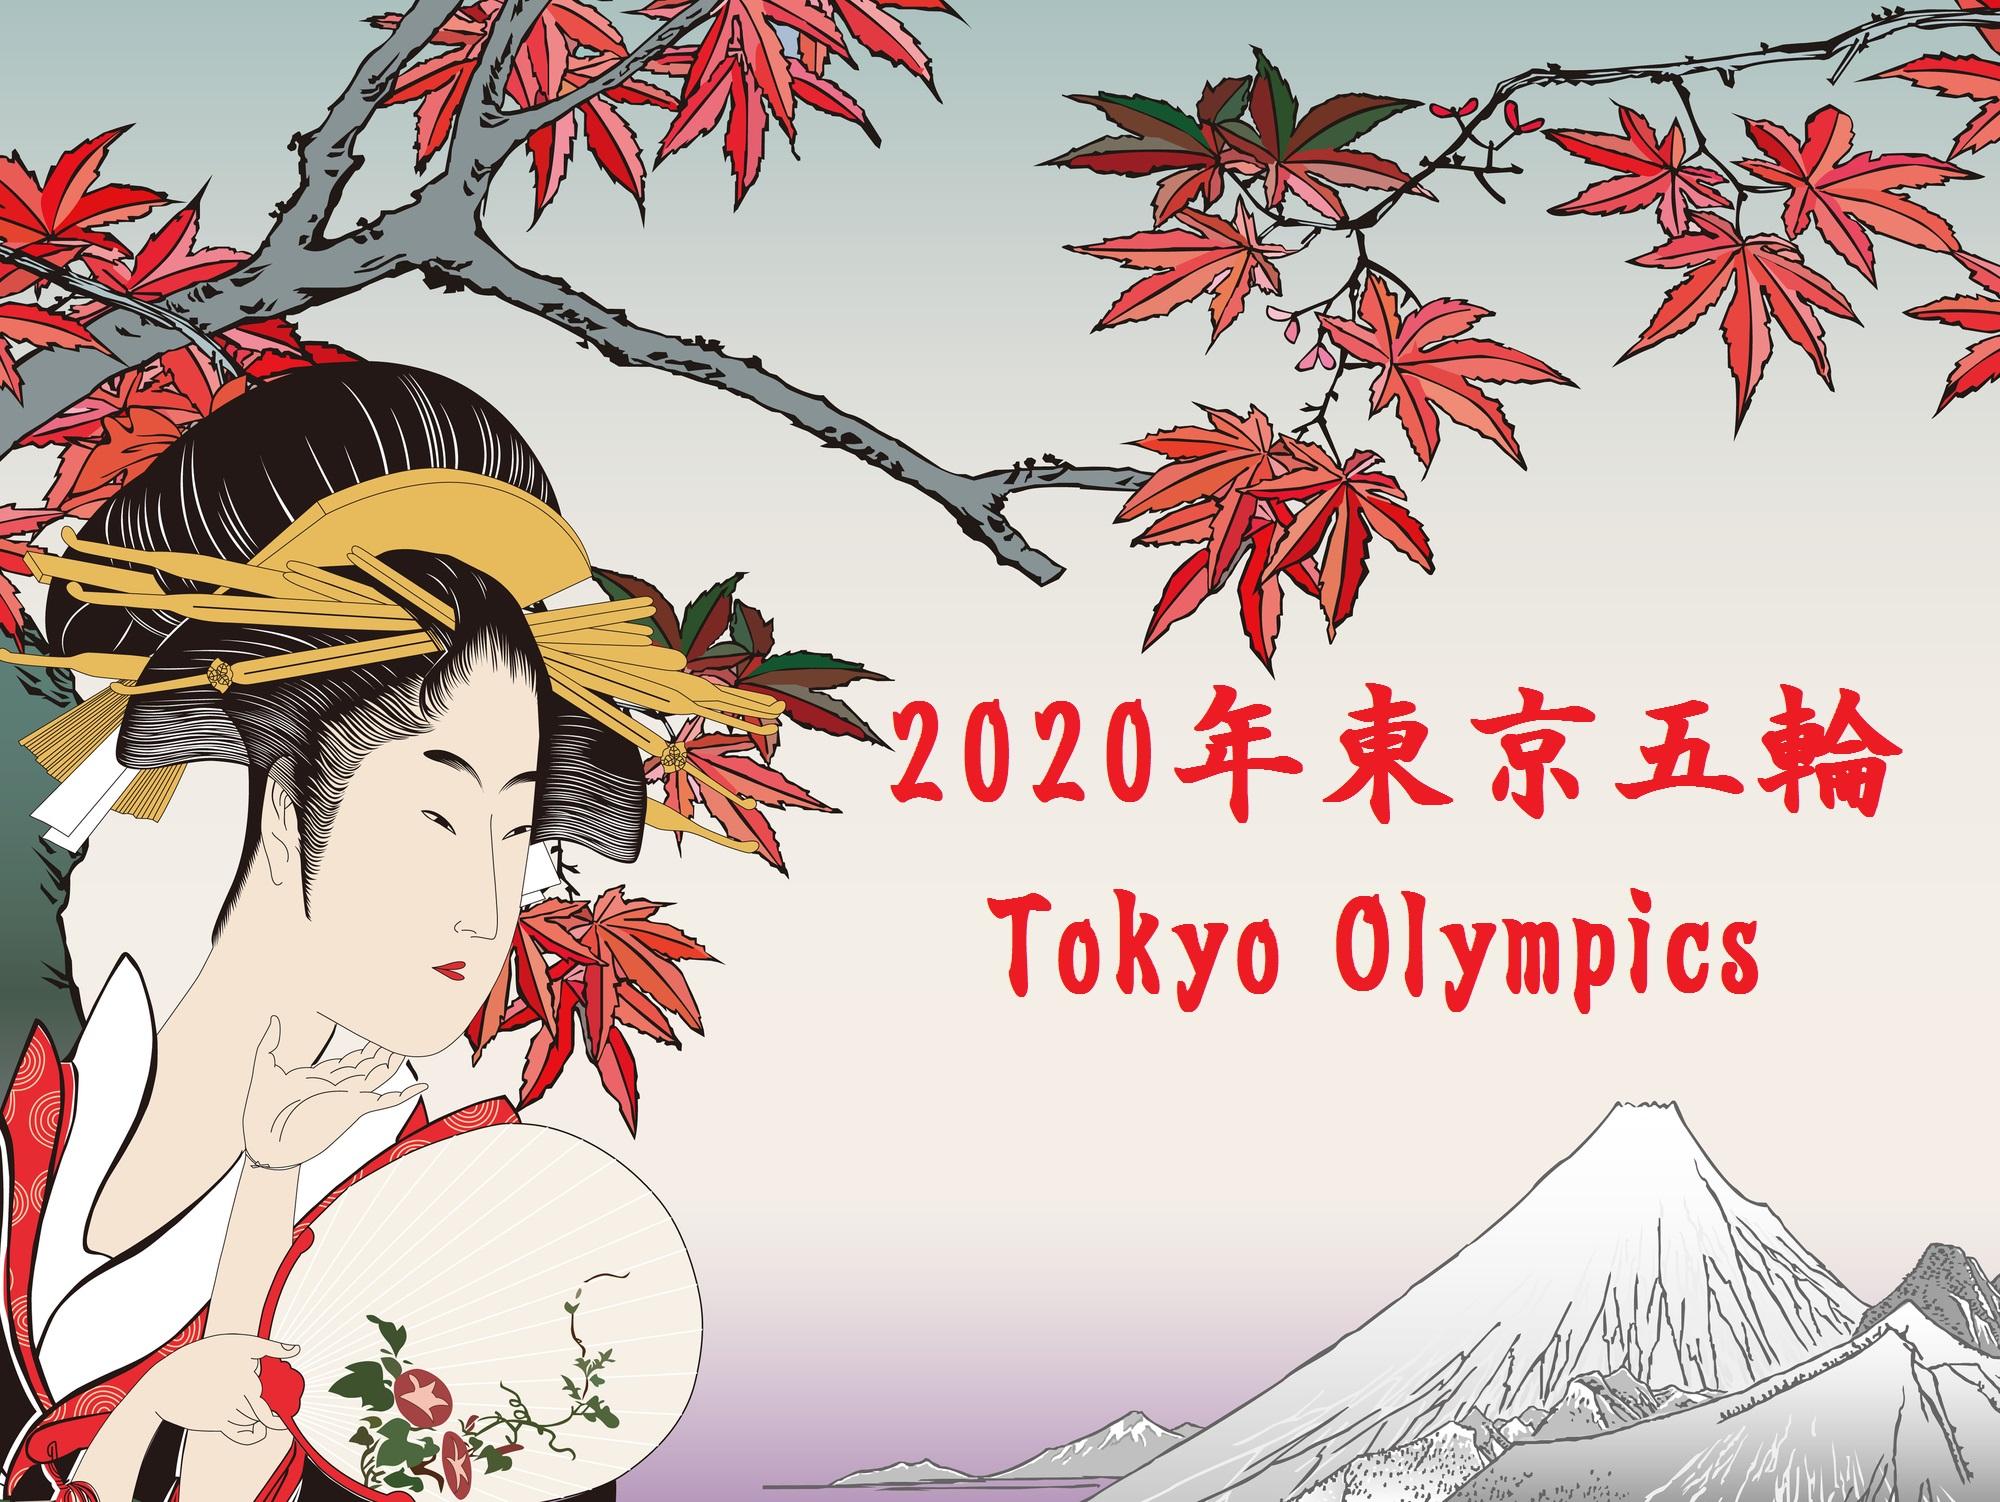 TokyoOlympics